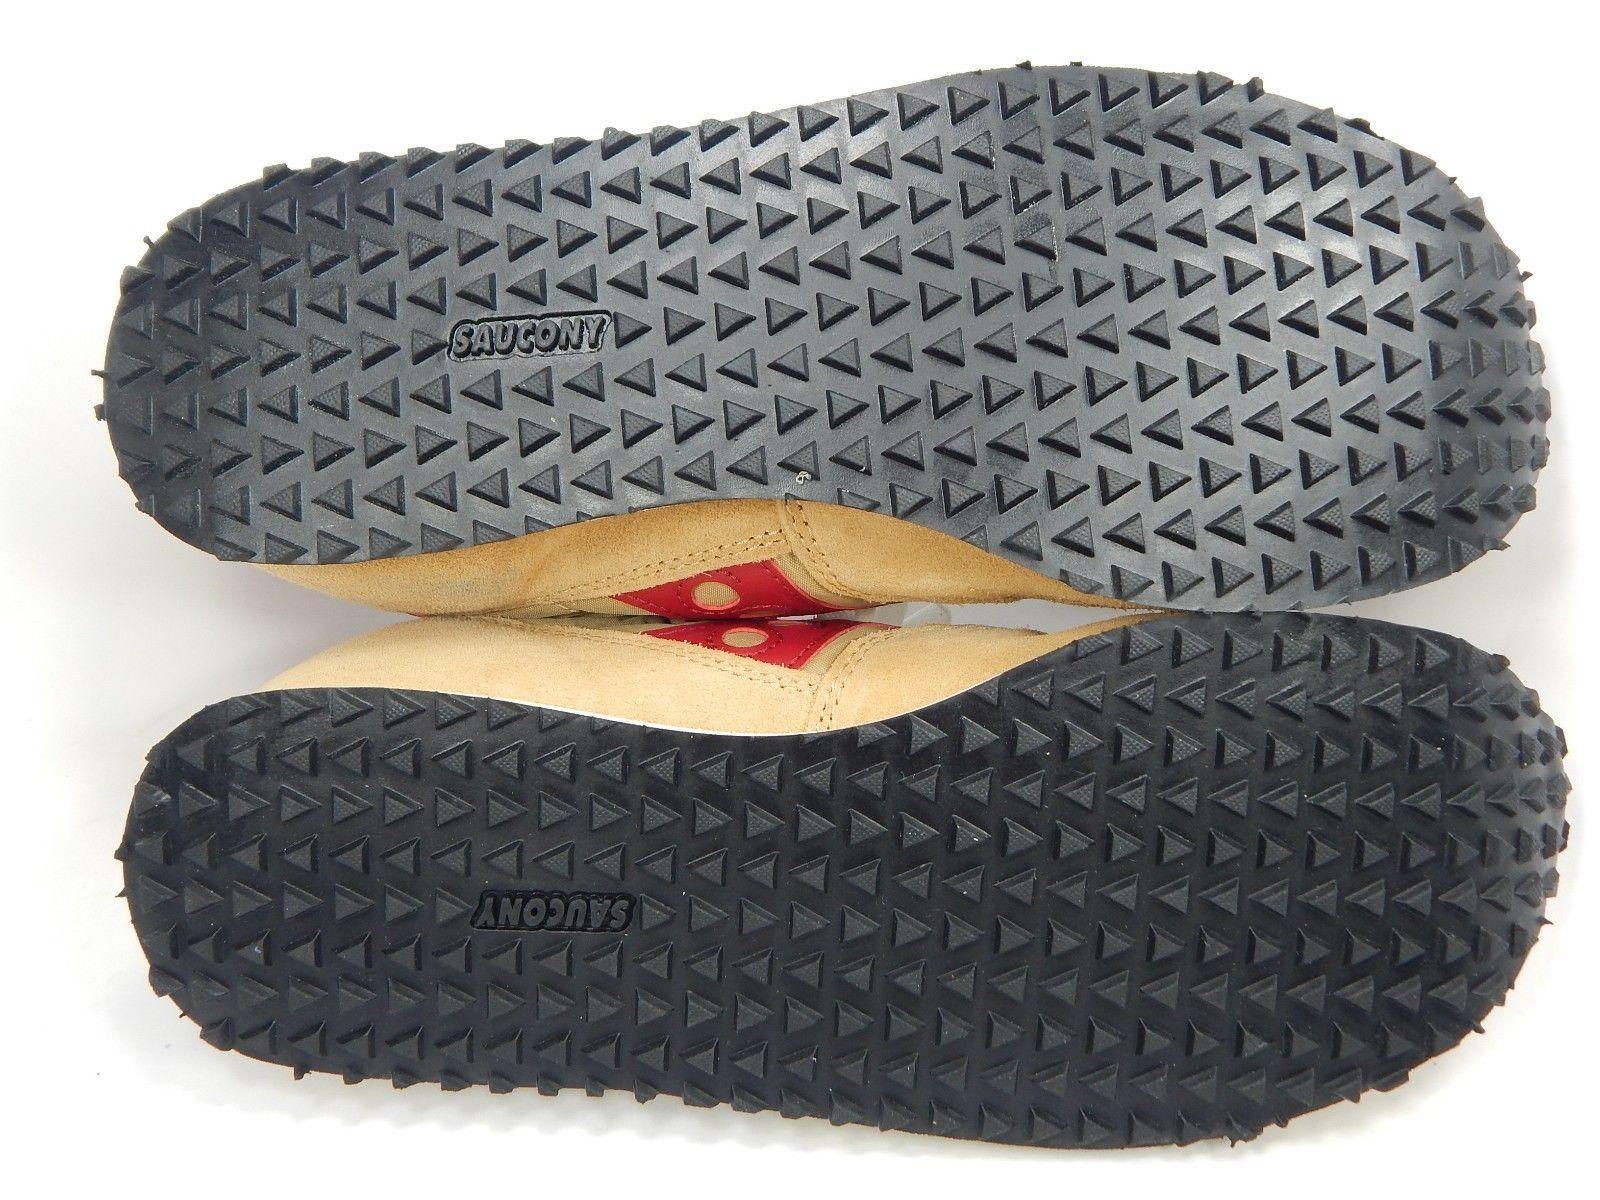 Saucony Originals DXN Trainer Vintage SMU Men's Shoes Size 9 M EU 42.5 S70369-16